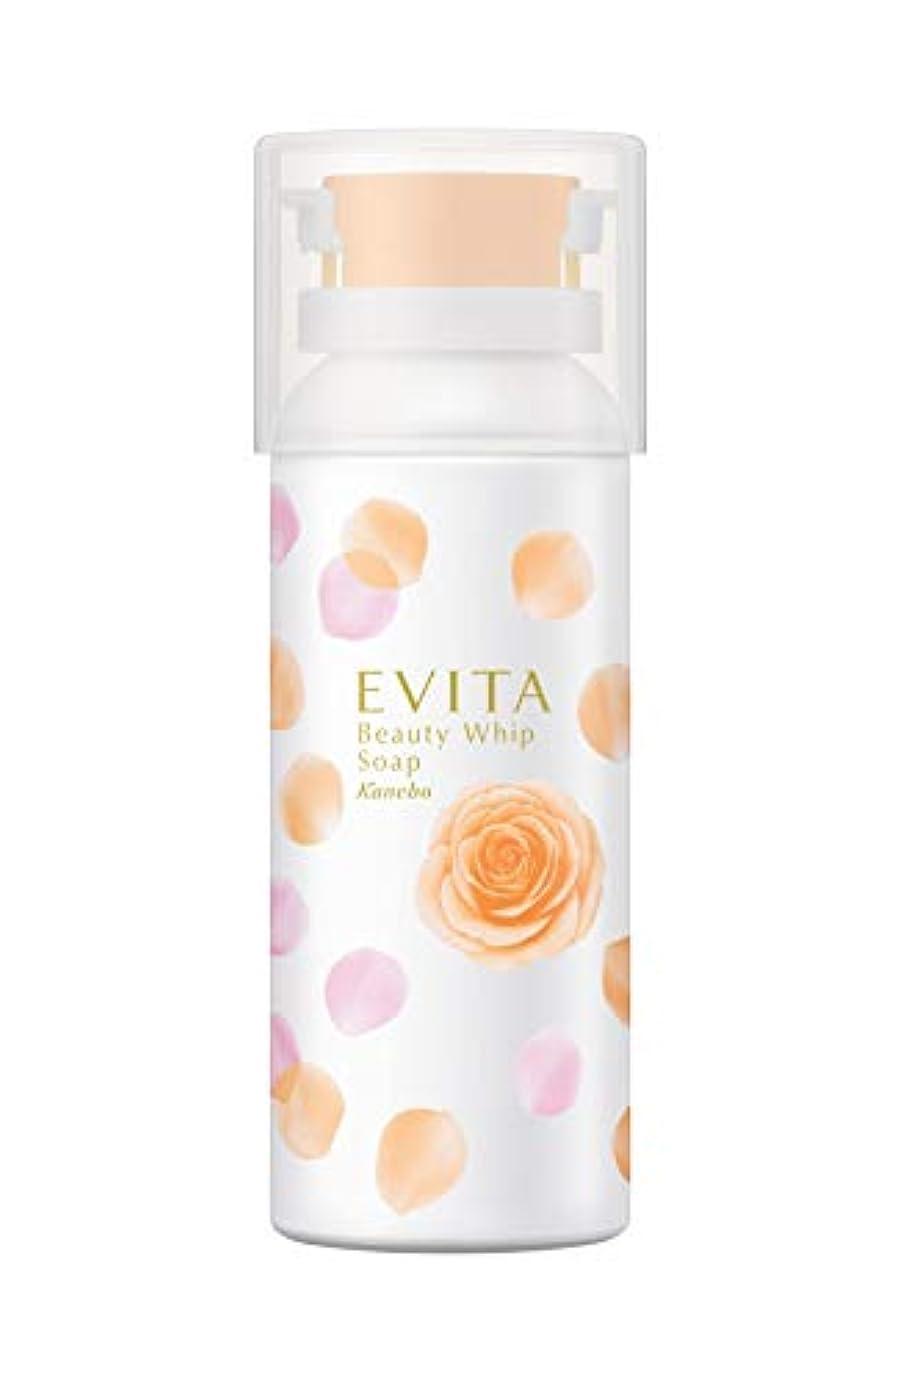 反応する九月ロッジエビータ ビューティホイップソープ(ローズ&オレンジティーの香り) 洗顔料